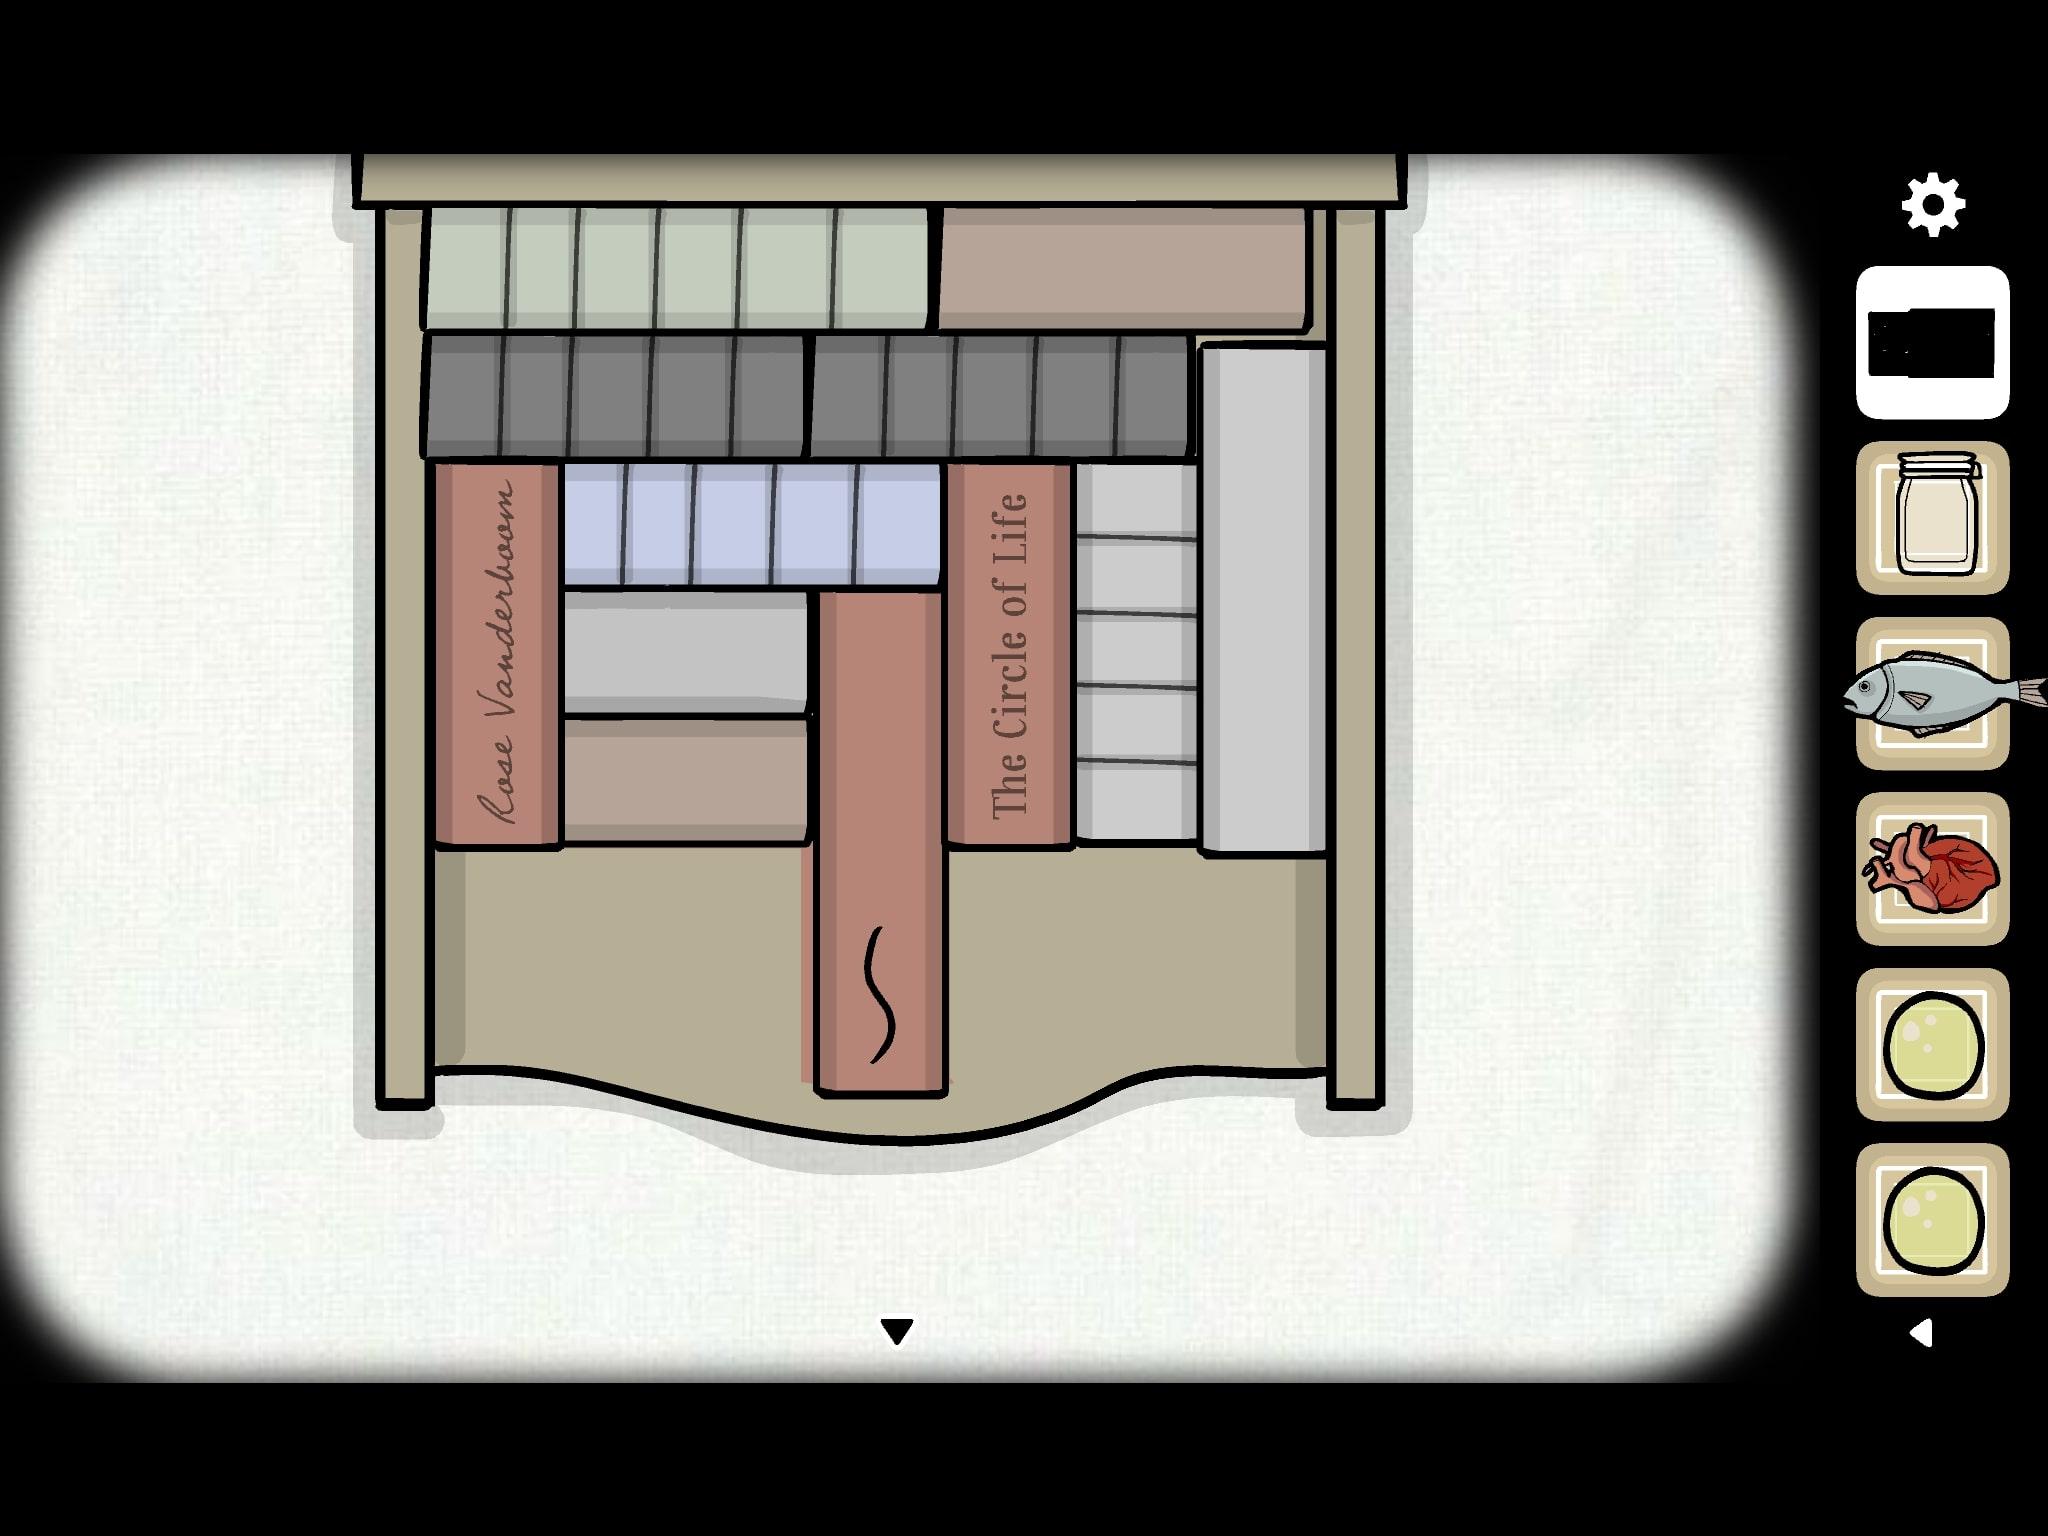 Прохождение Samsara Room - книги